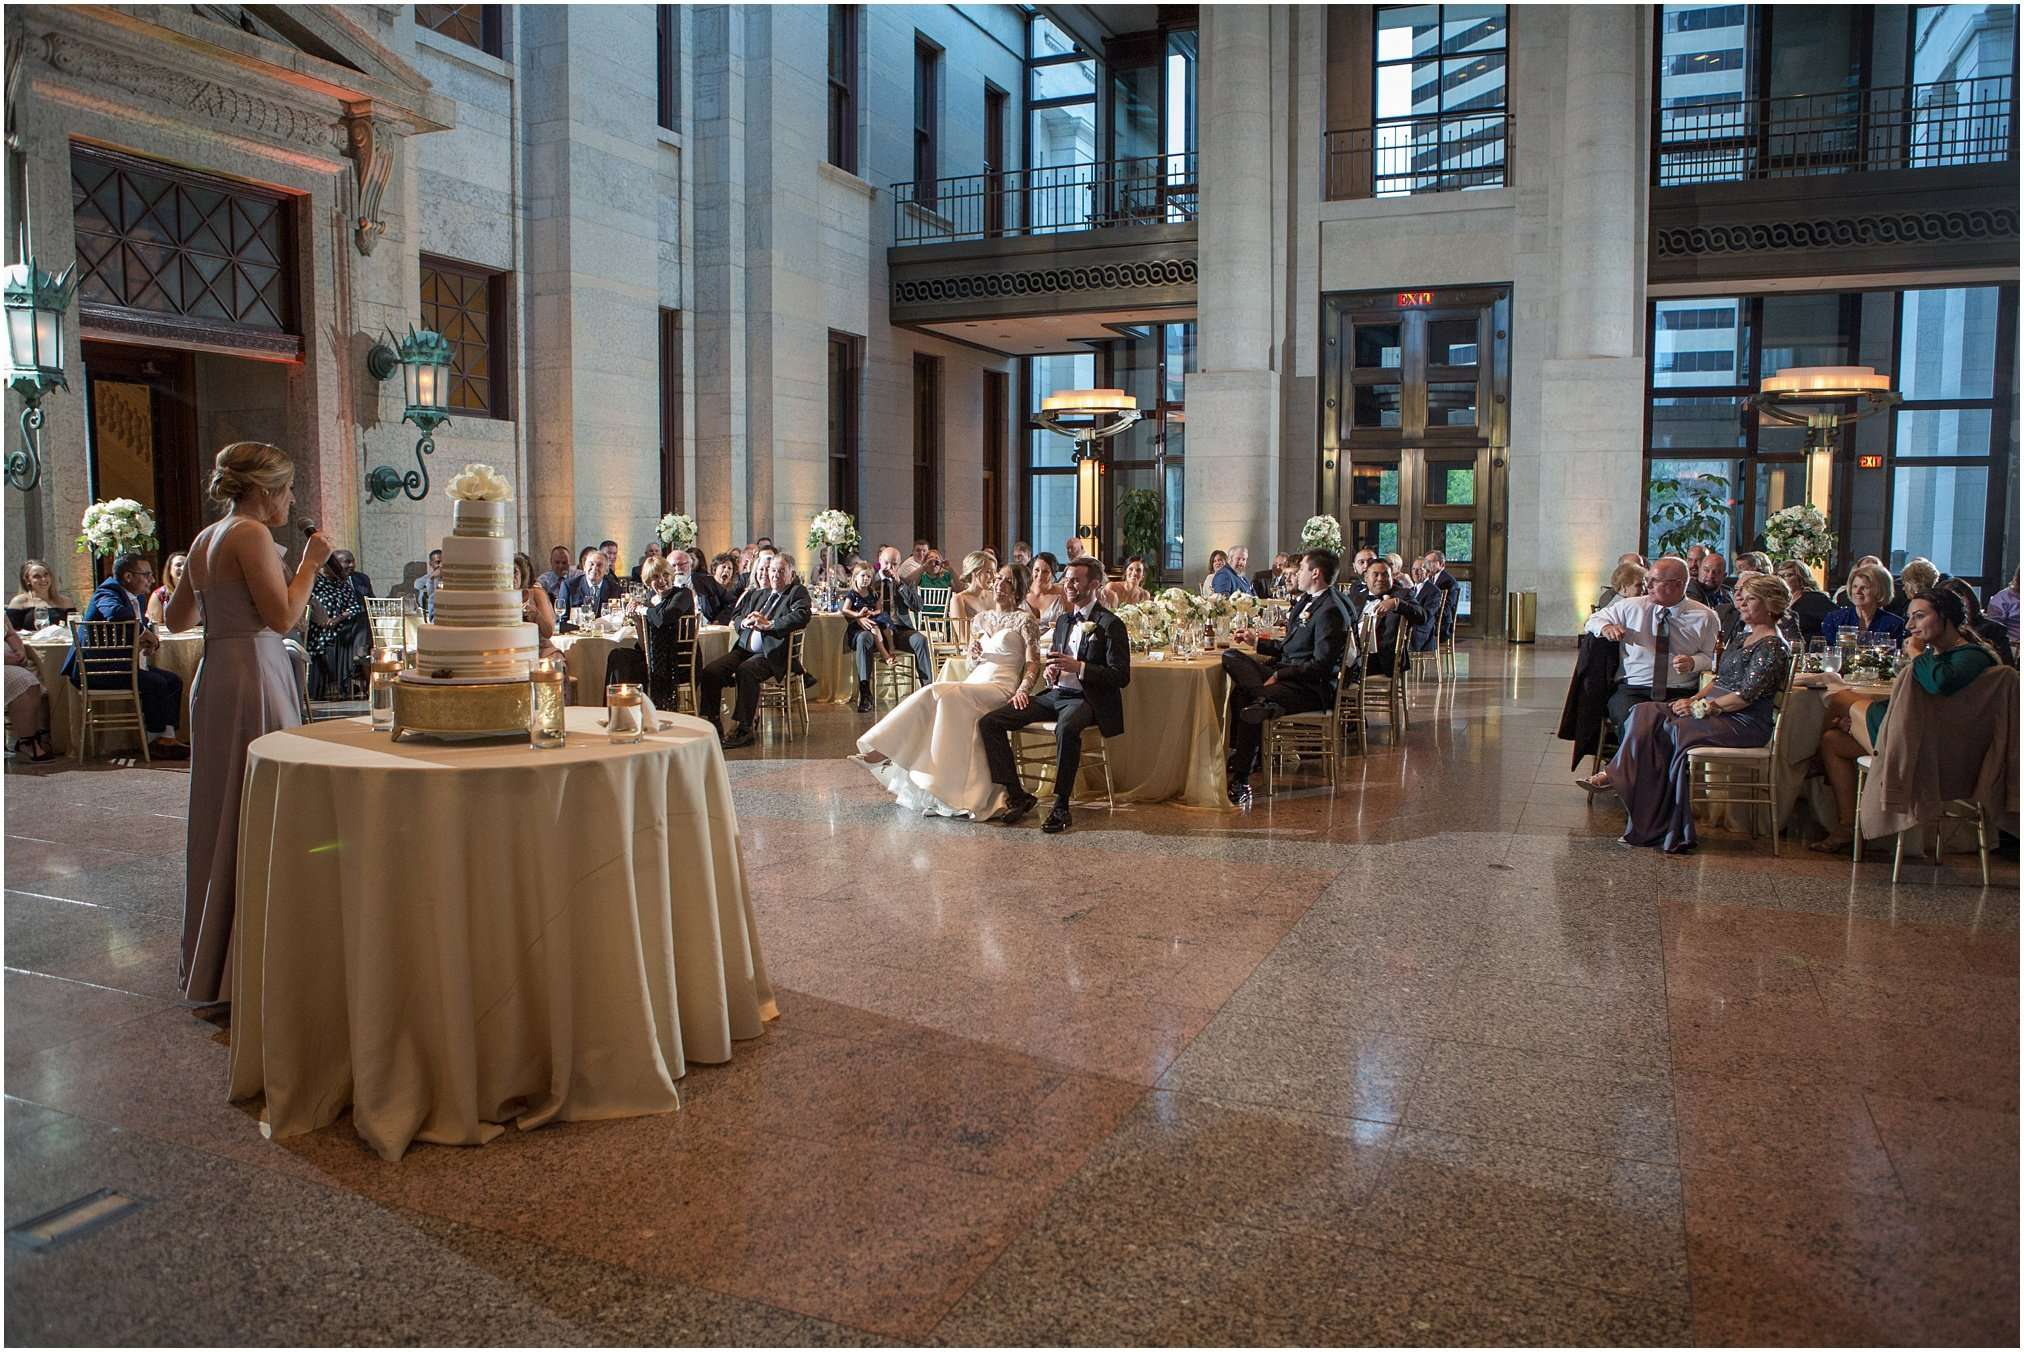 Spring Wedding at the Ohio Statehouse | Columbus Ohio Photography 188